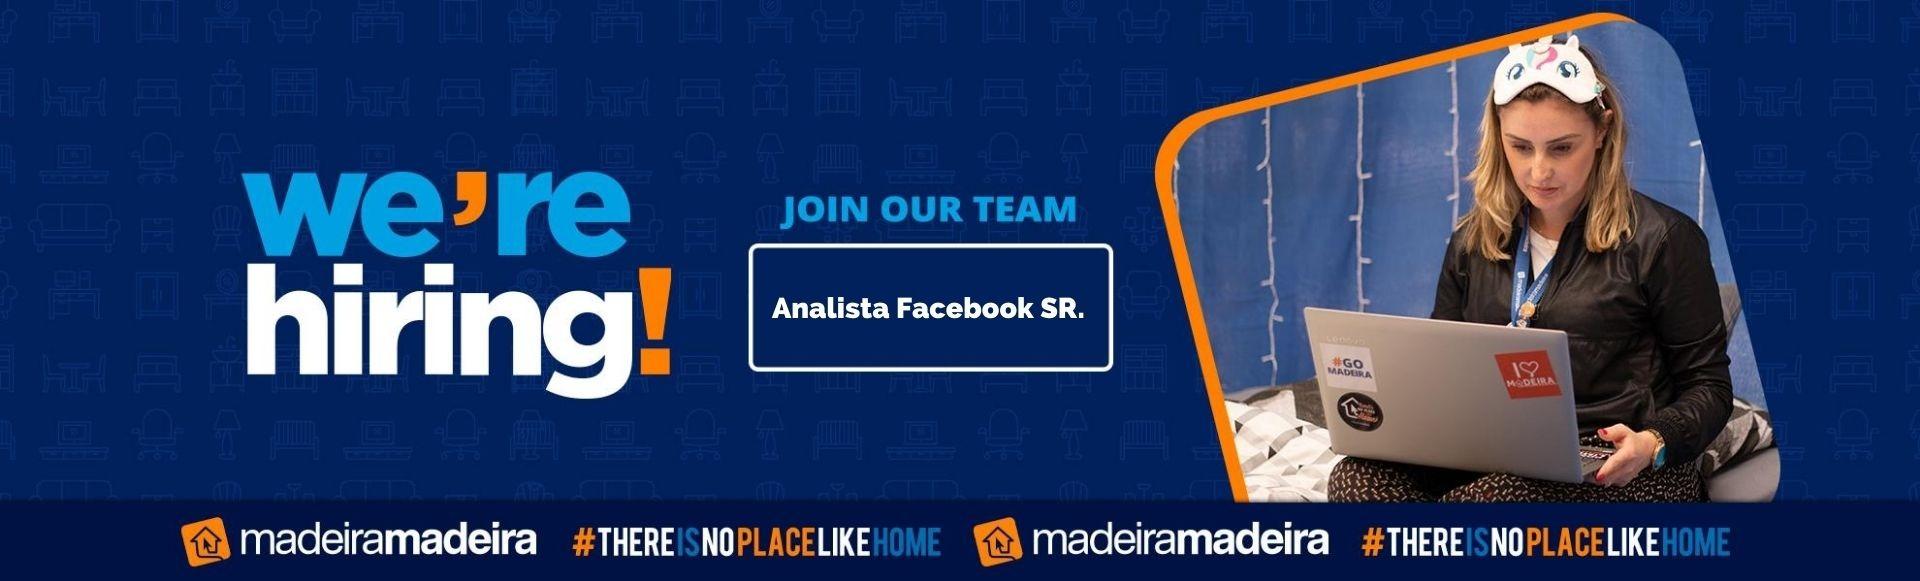 Analista Facebook SR